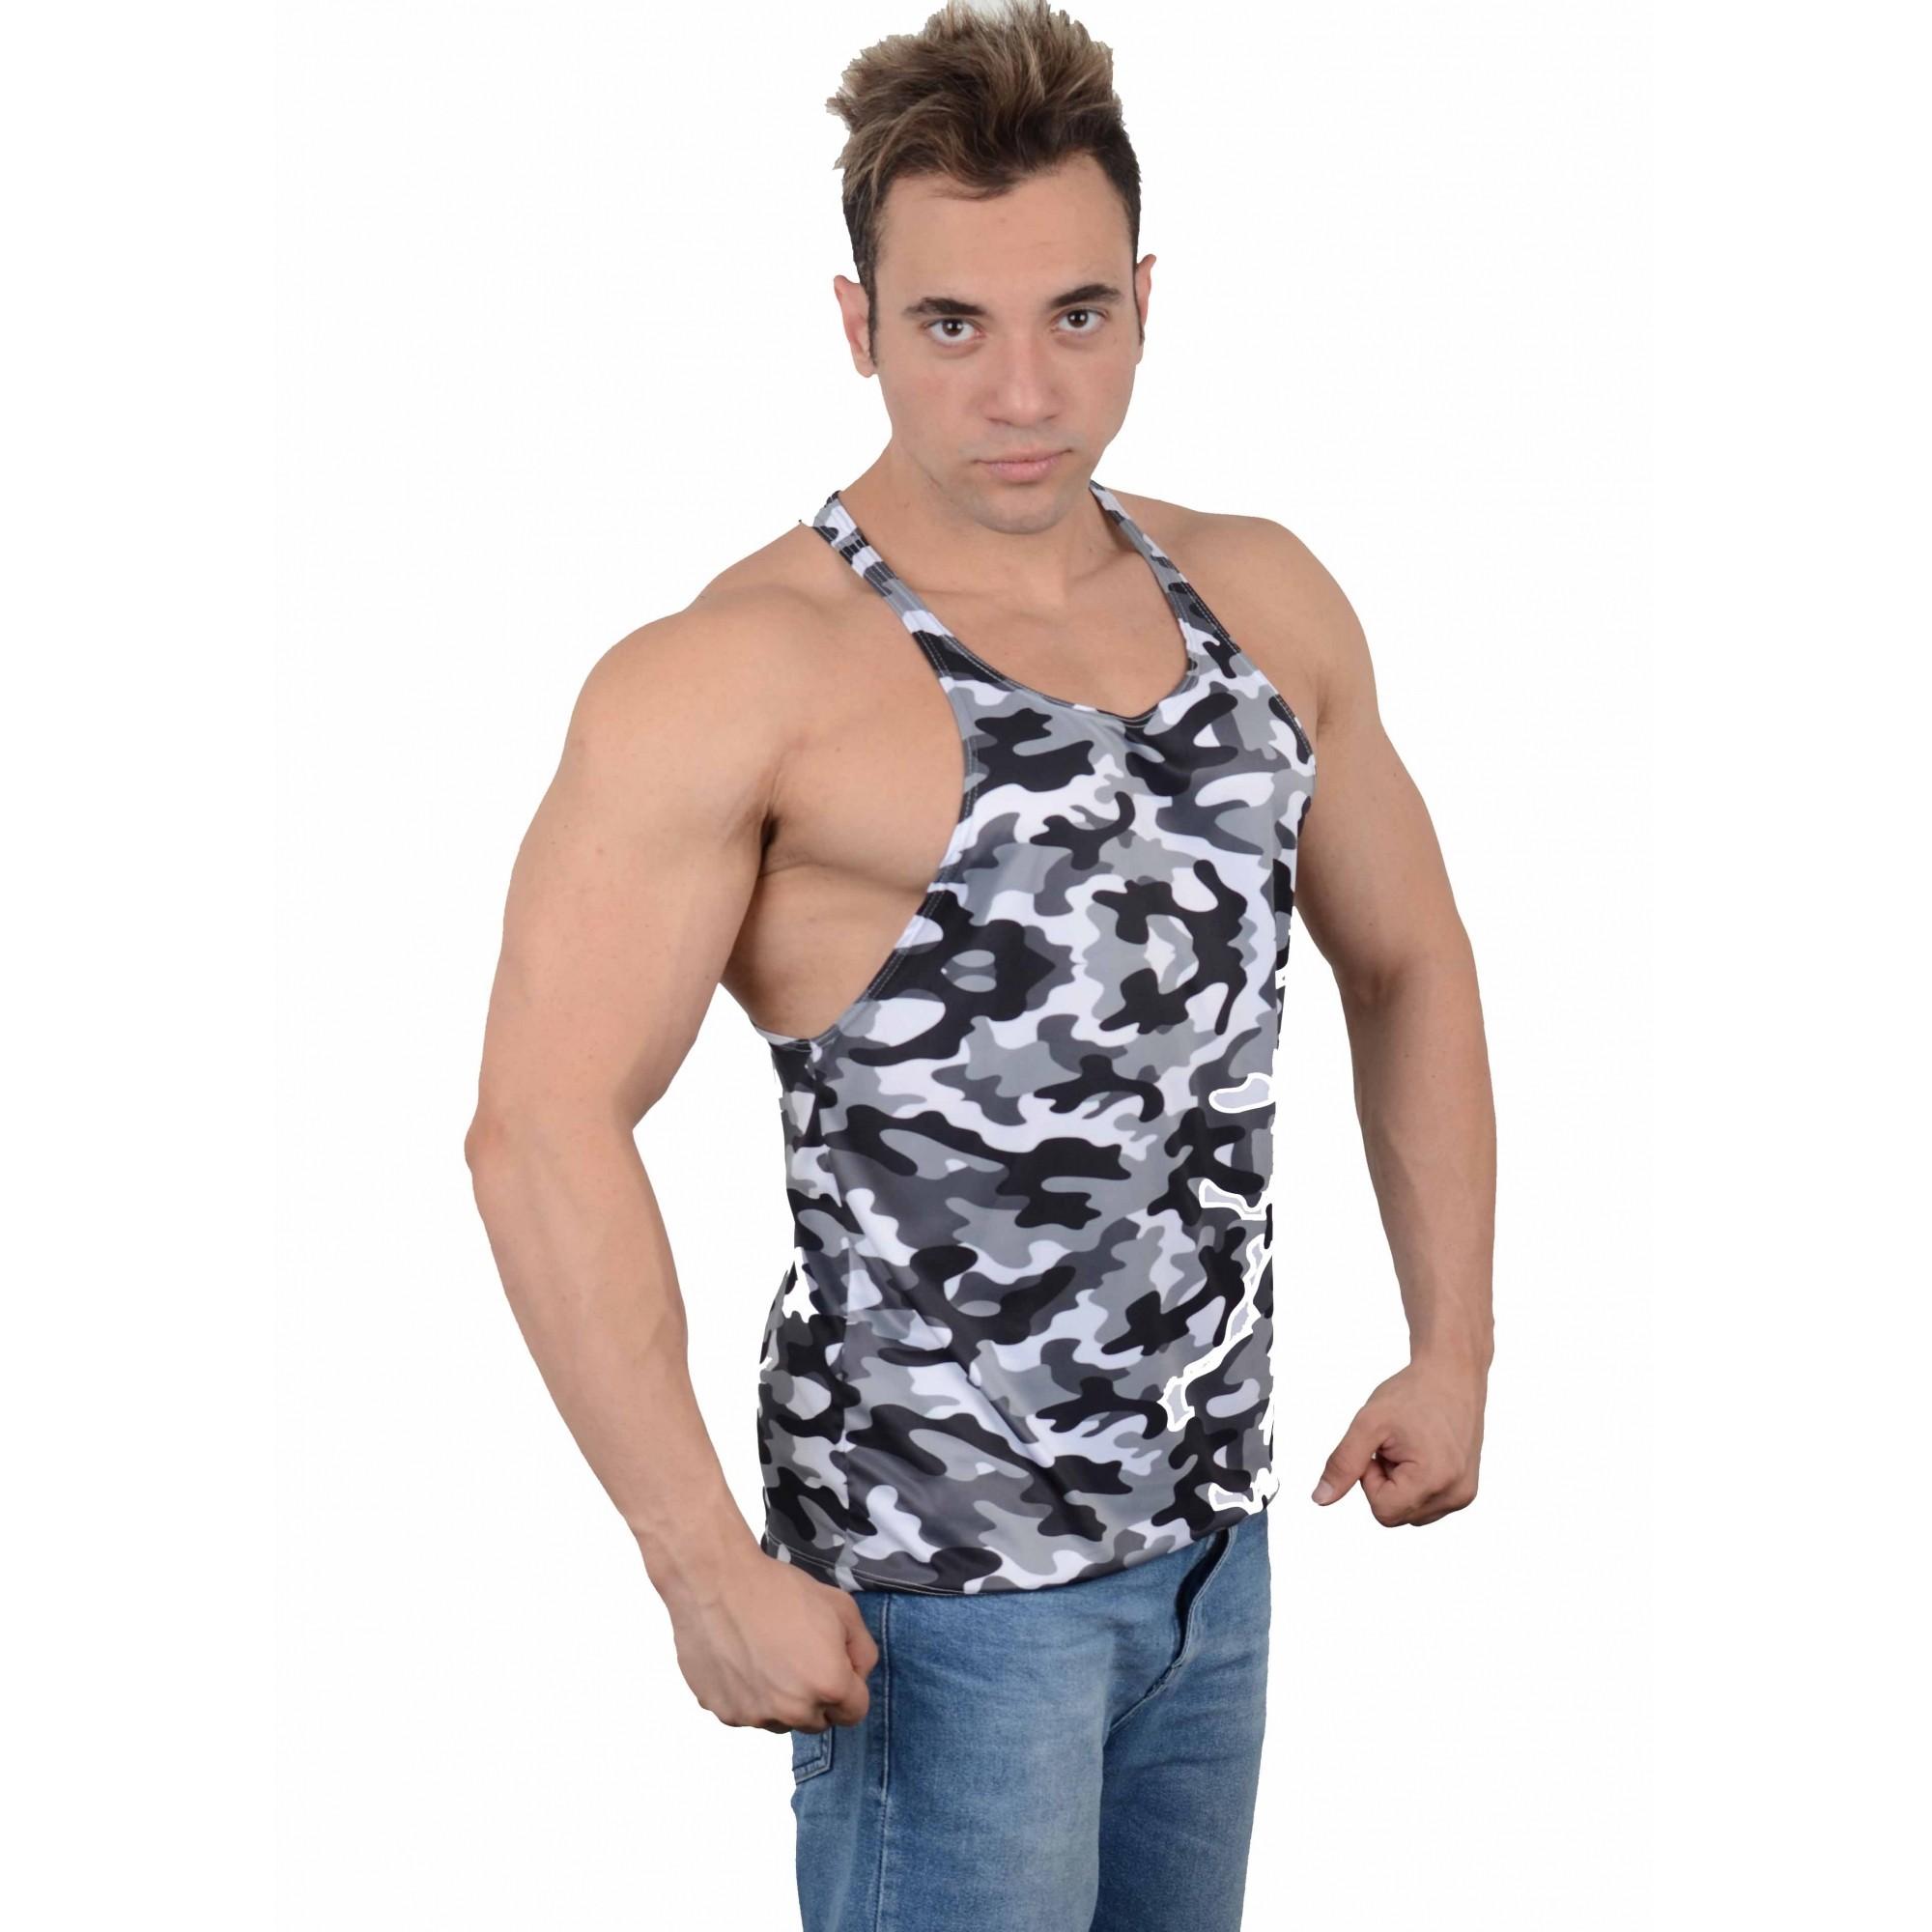 Camiseta Regata Academia Super Cavada Camuflagem Urbana Cinza